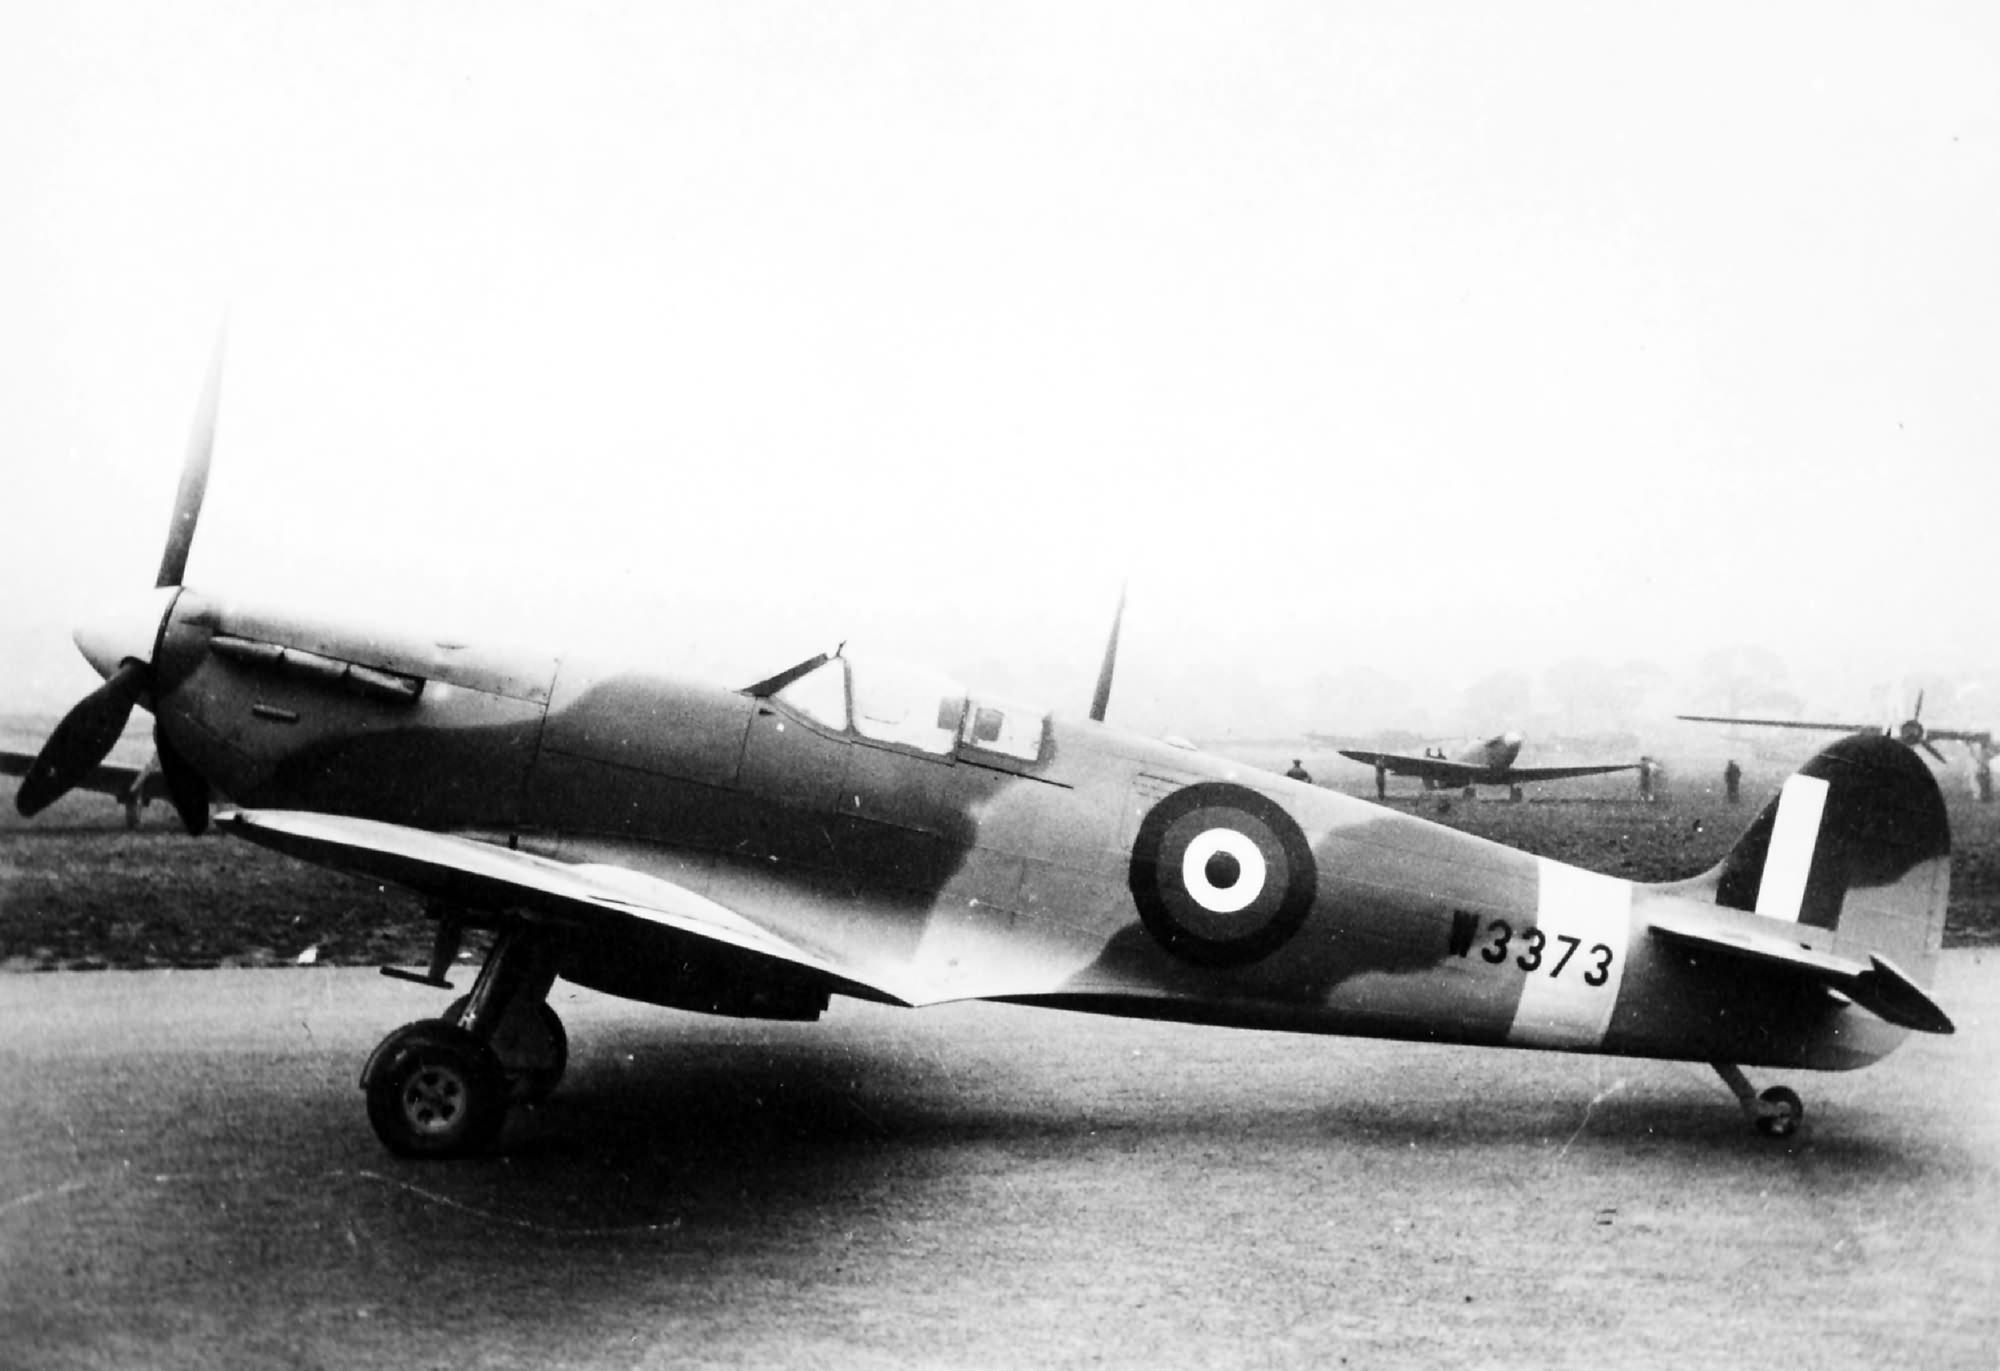 Factory fresh Spitfire MkVb RAF W3373 England web 01